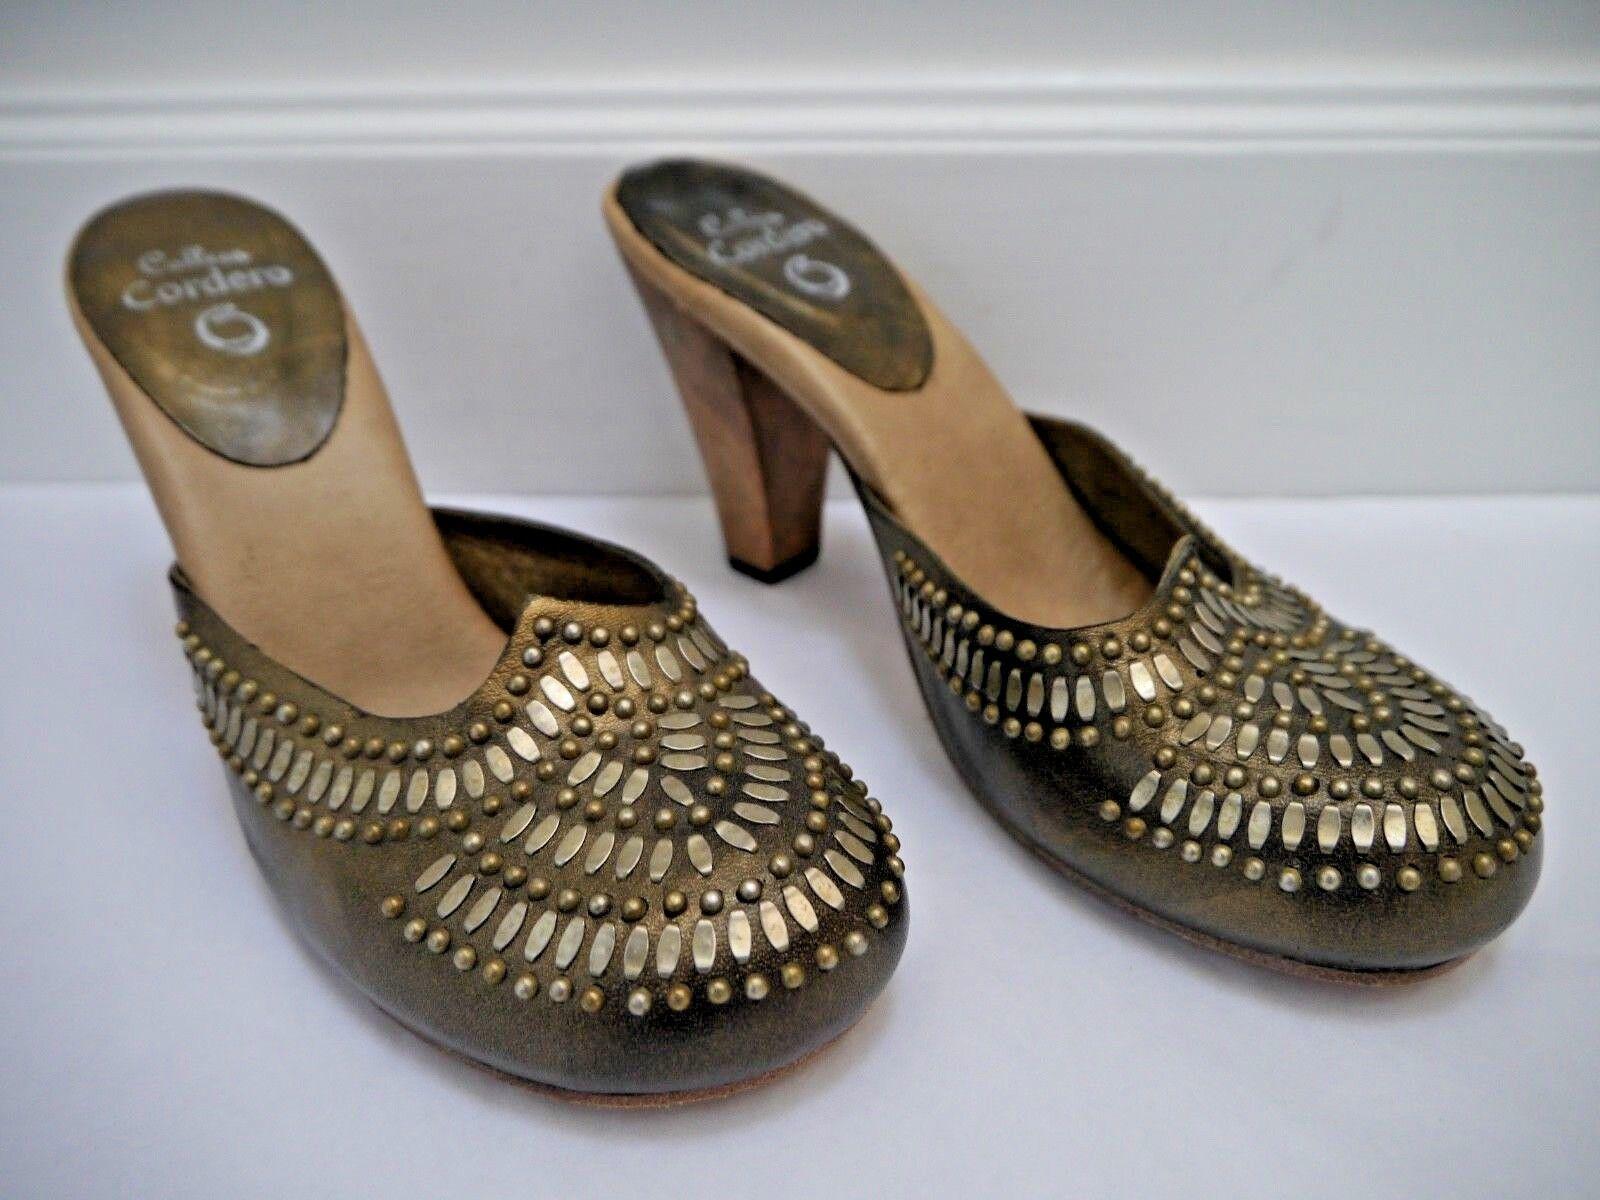 NEW CALLEEN CORDERO bronze leather metal stud detail mules heels size 9